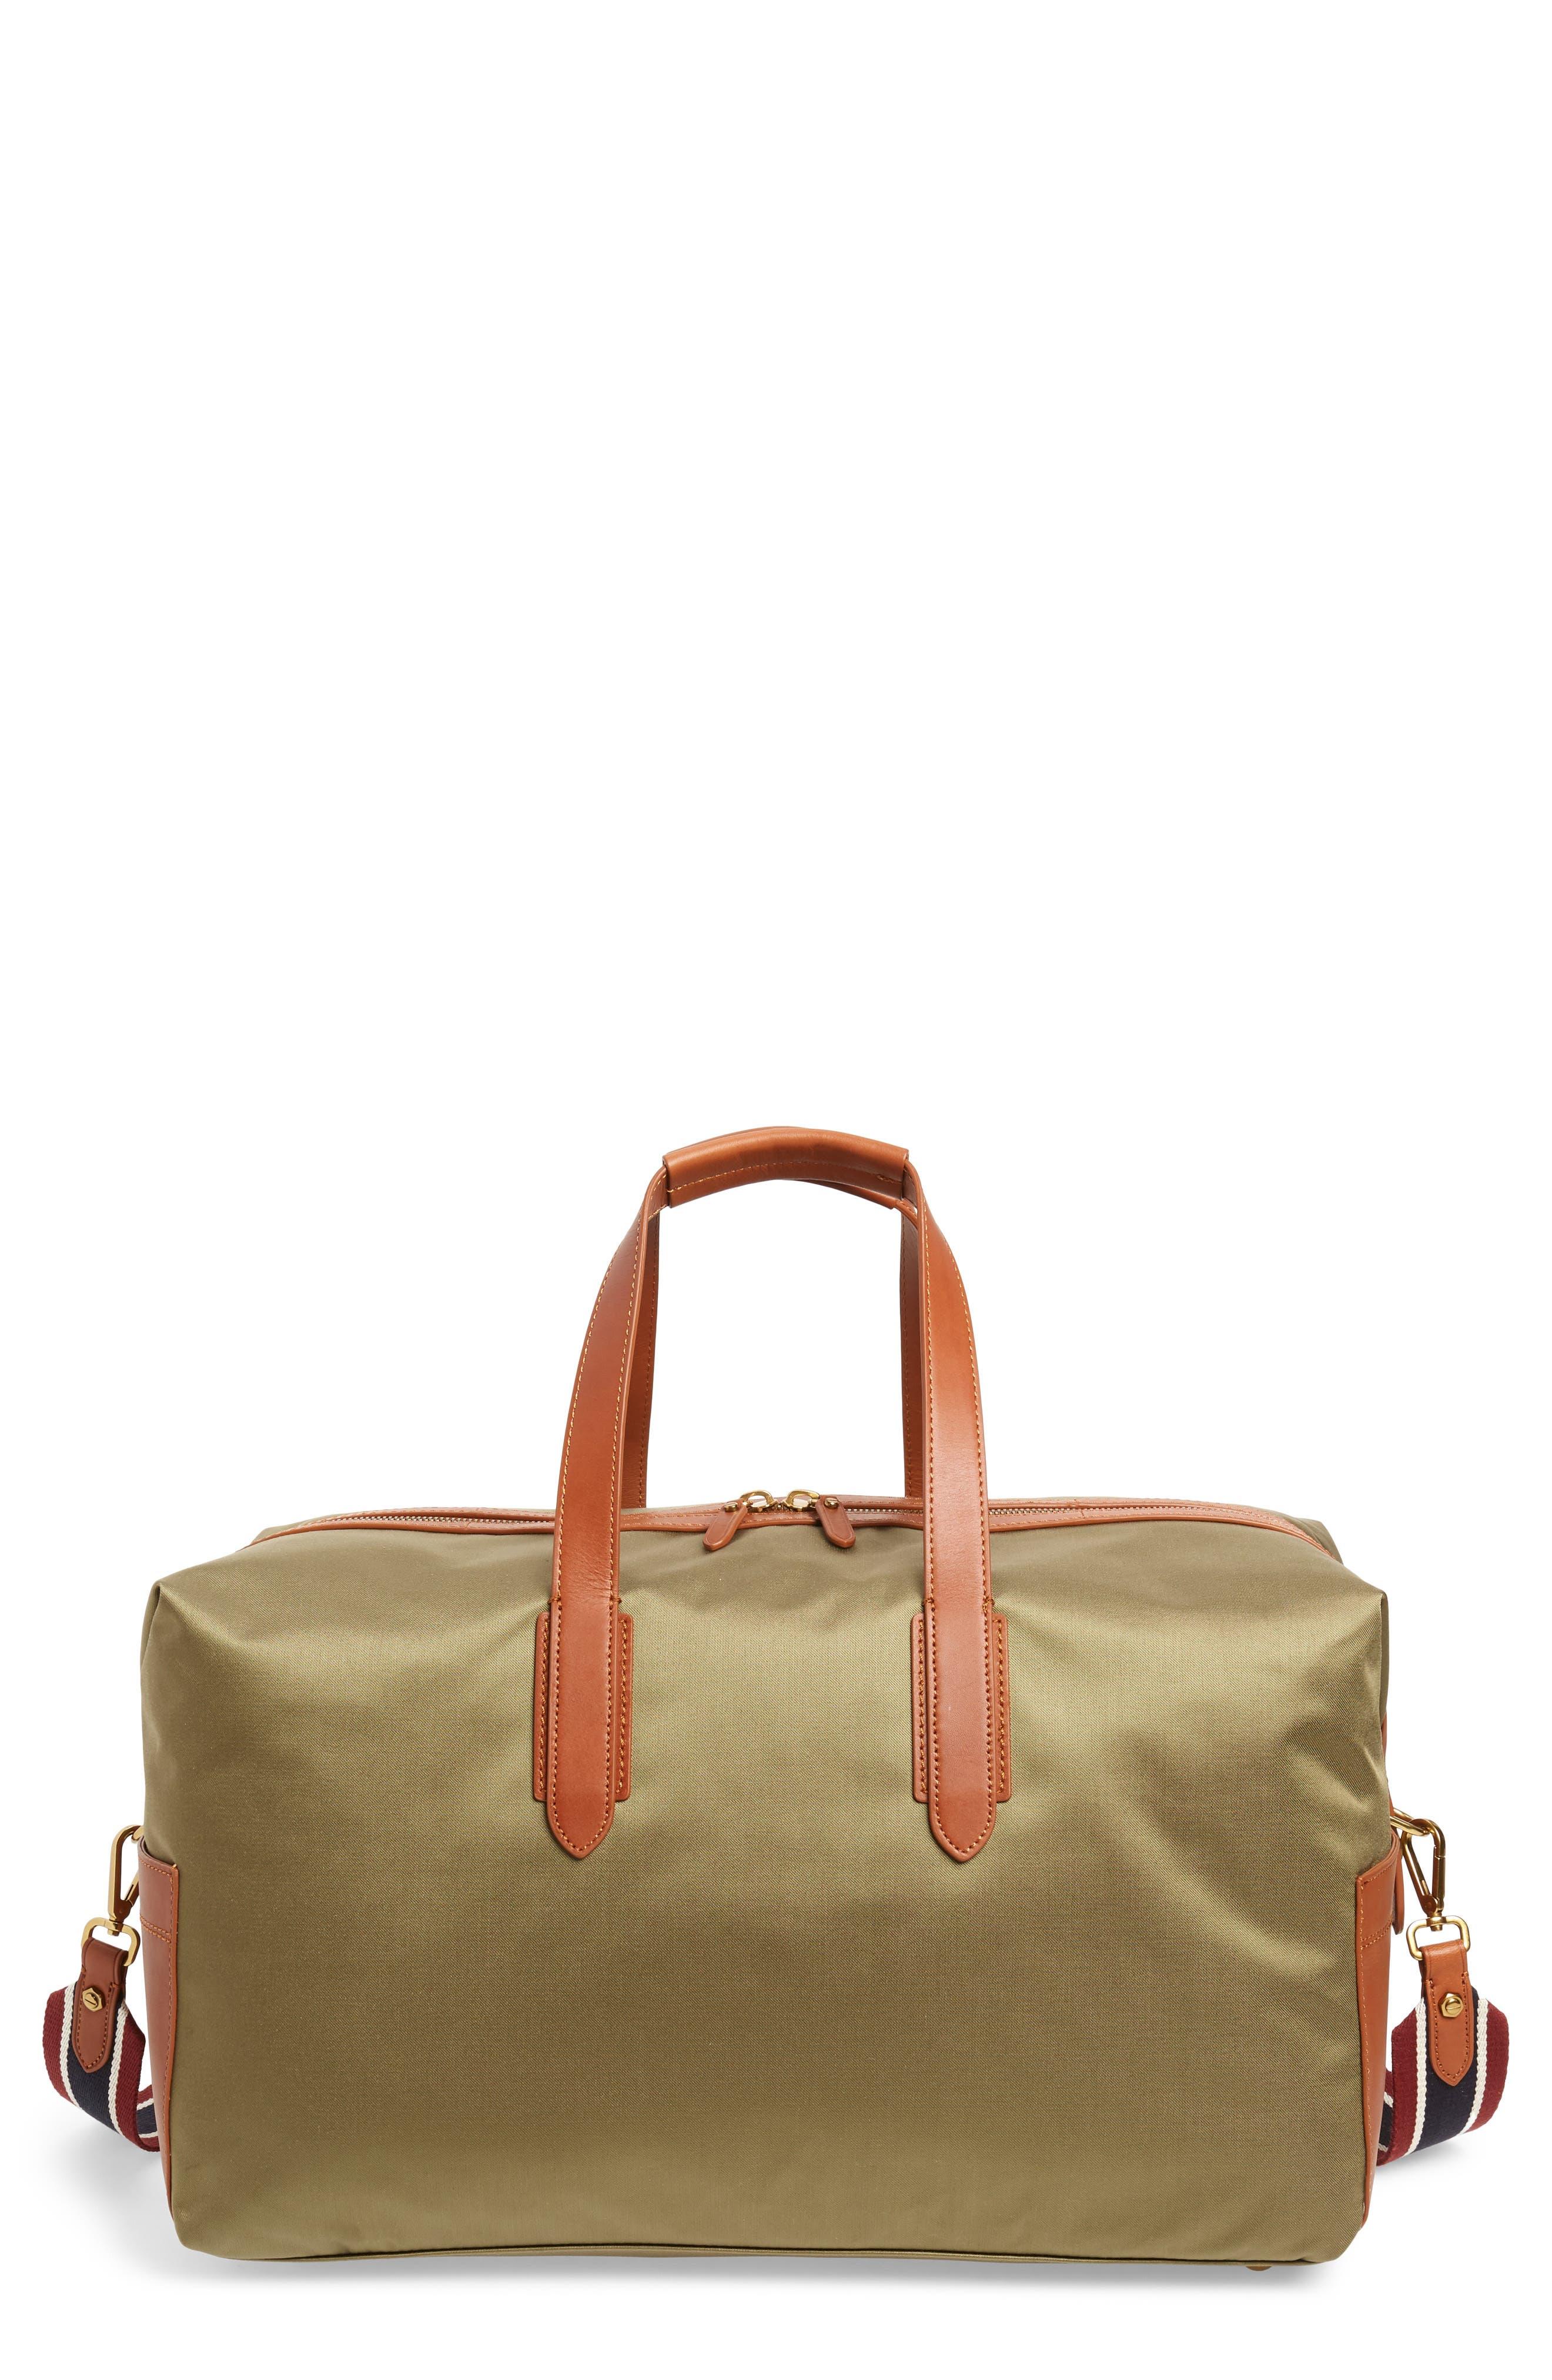 J.CREW Oar Stripe Weekend Bag, Main, color, 300